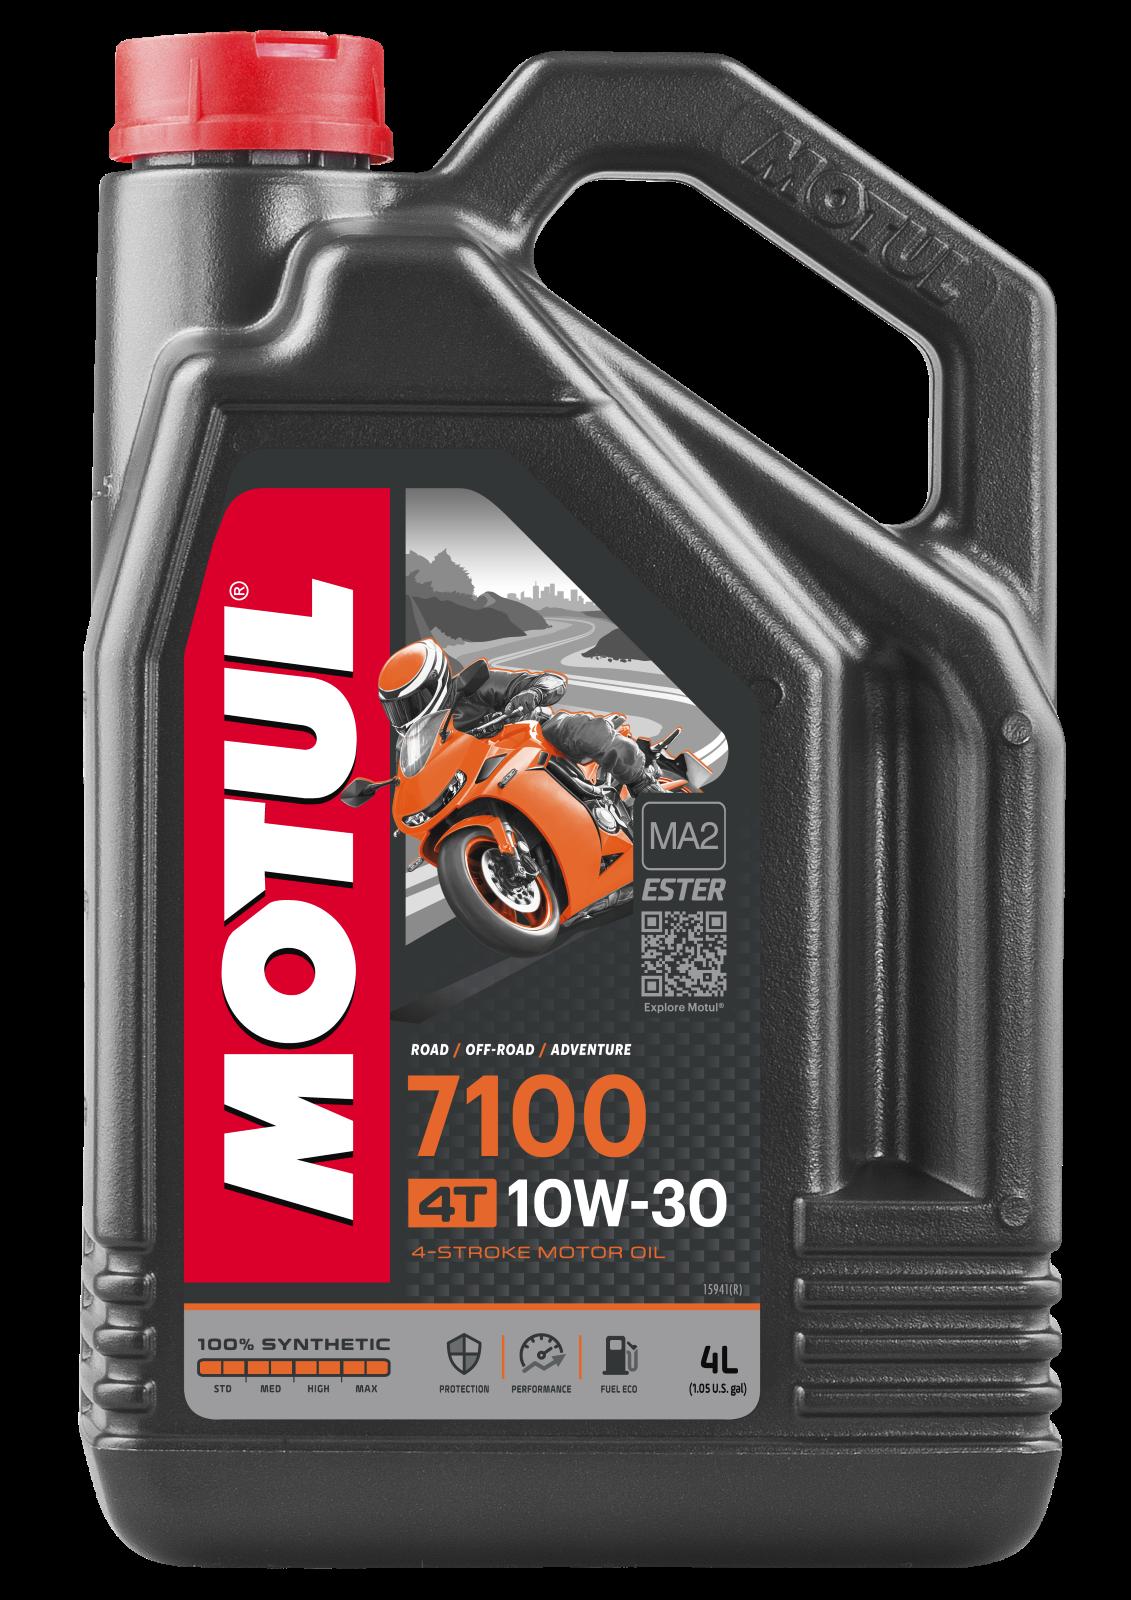 MOTUL AG MOTUL 7100 4T 10W-30 4L